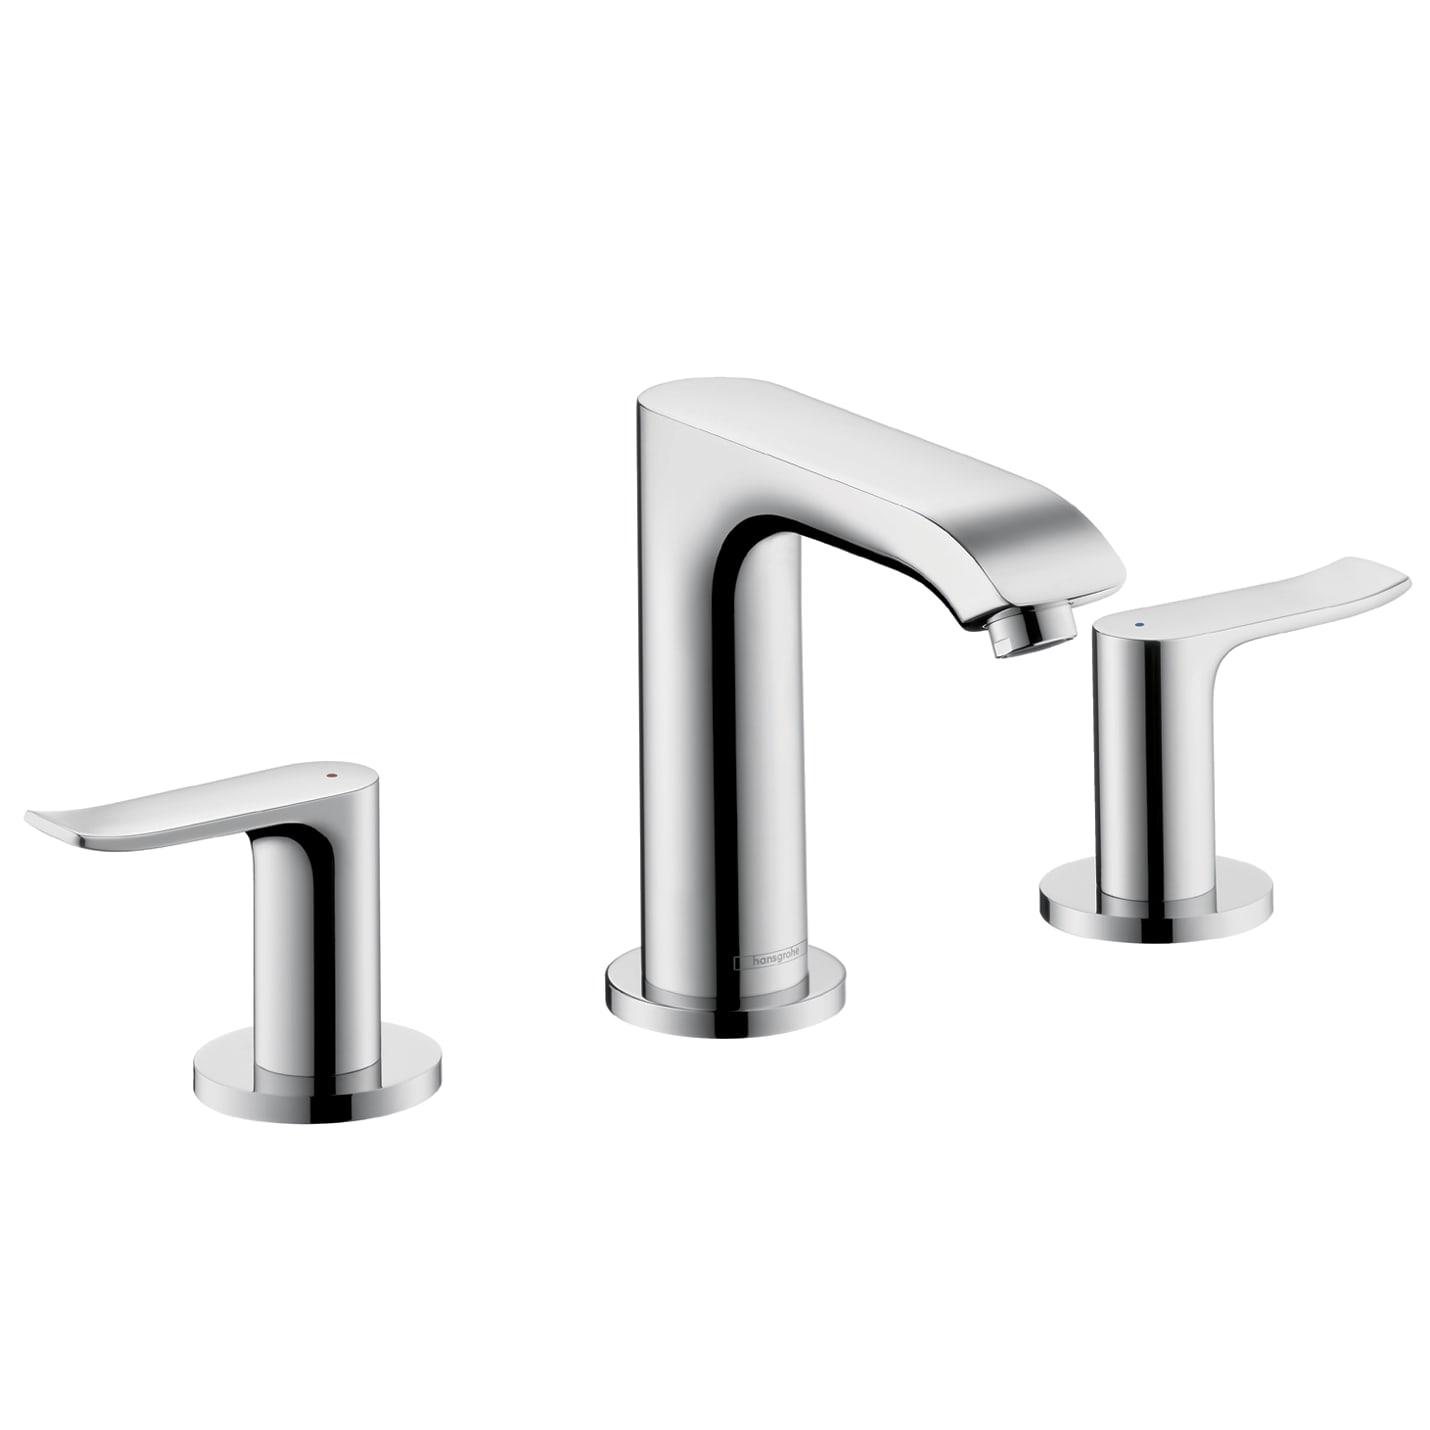 Hansgrohe 31083 Metris E Widespread Faucet | QualityBath.com